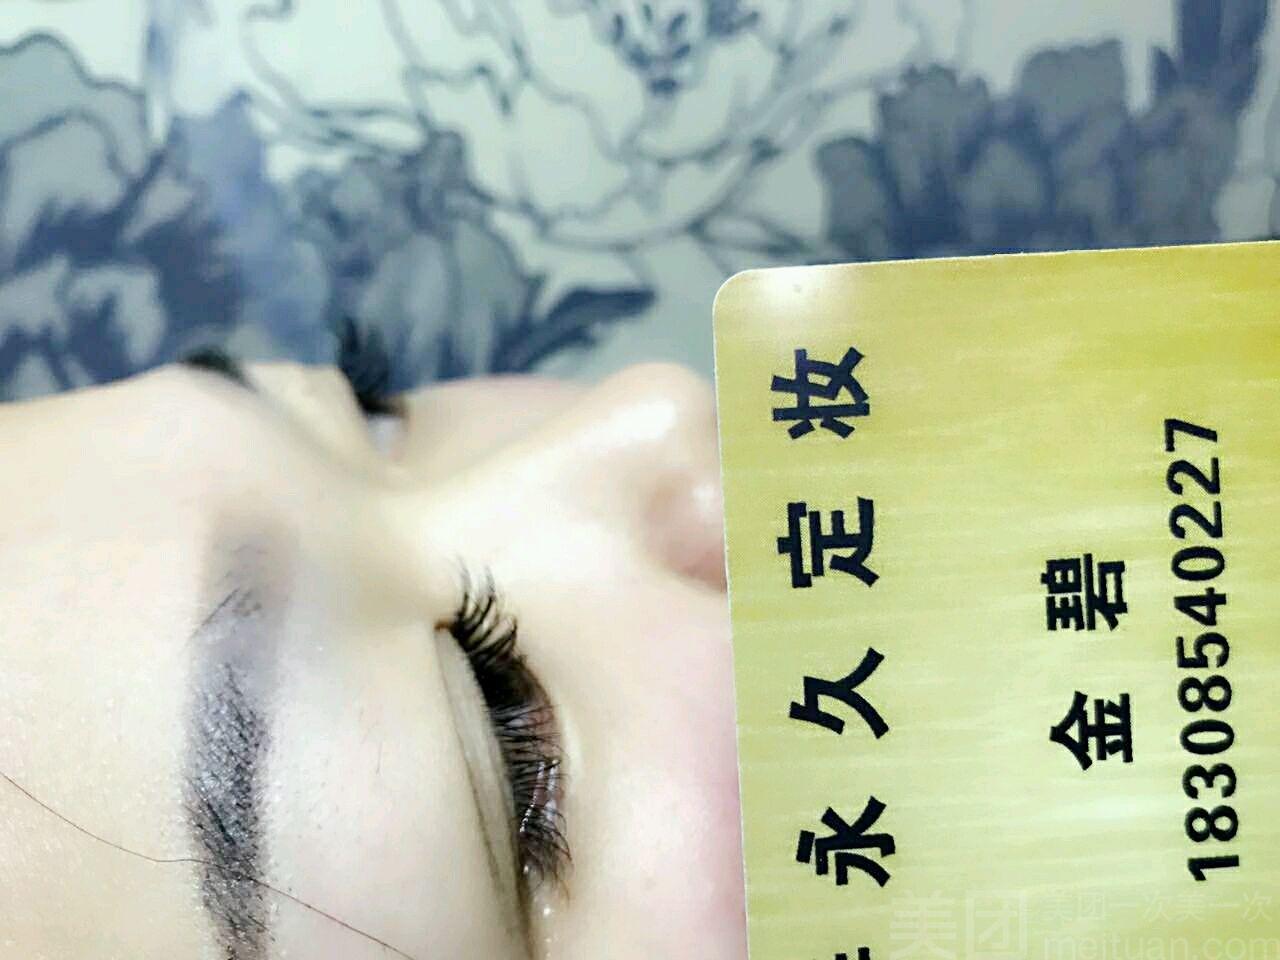 高档蚕丝-自然蚕丝,仅售168.8元,价值298元自然蚕丝,节假日通用!